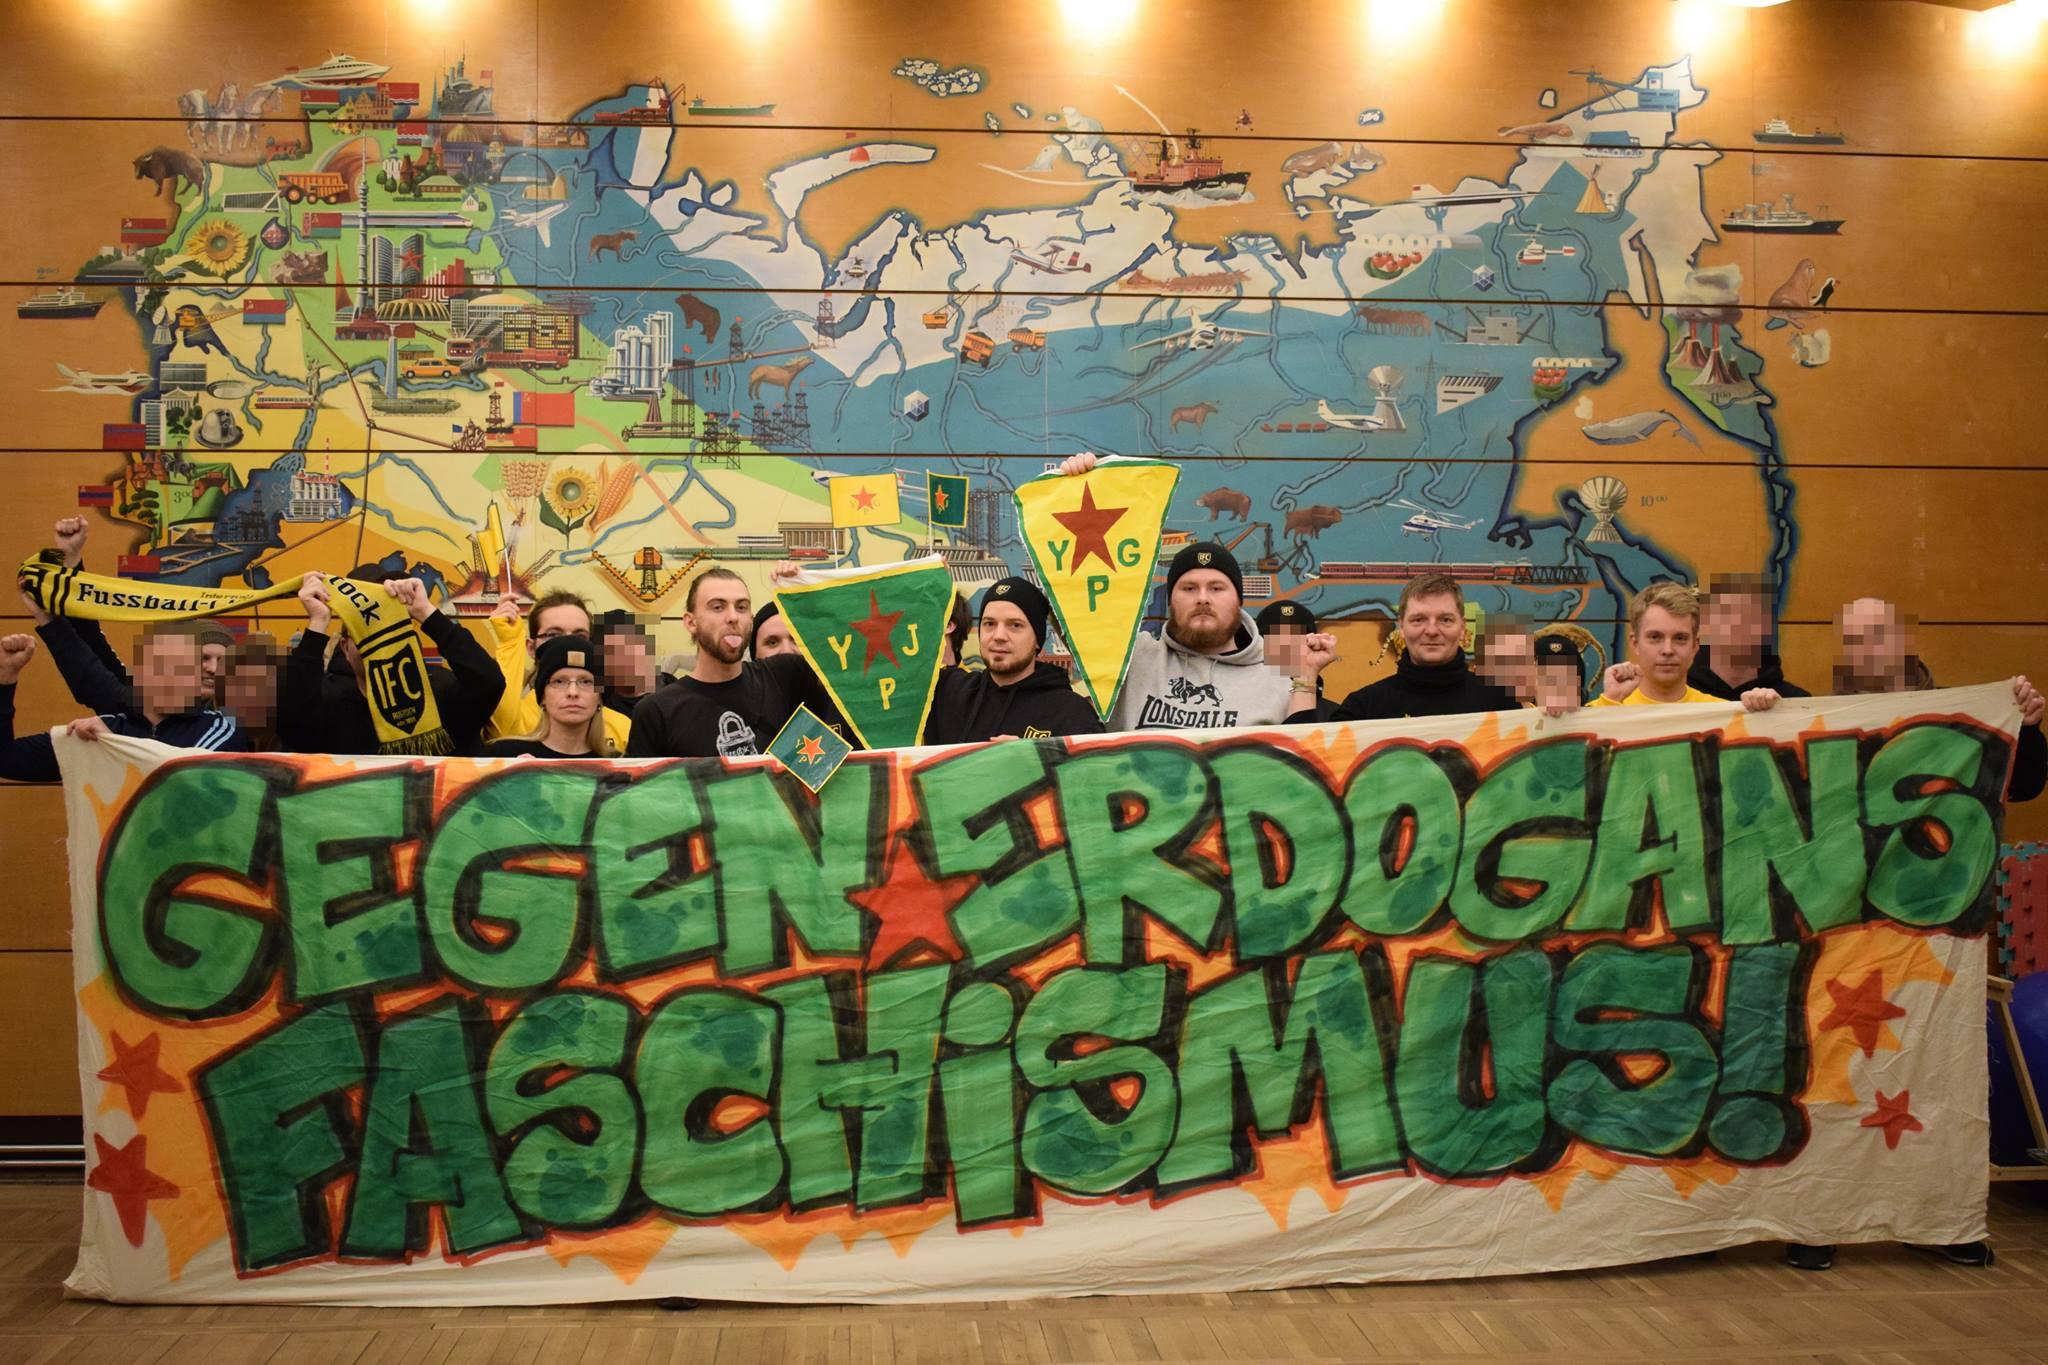 Antifaschistische YPG-Solidarität: Fußballclub im Visier des Staatsschutzes